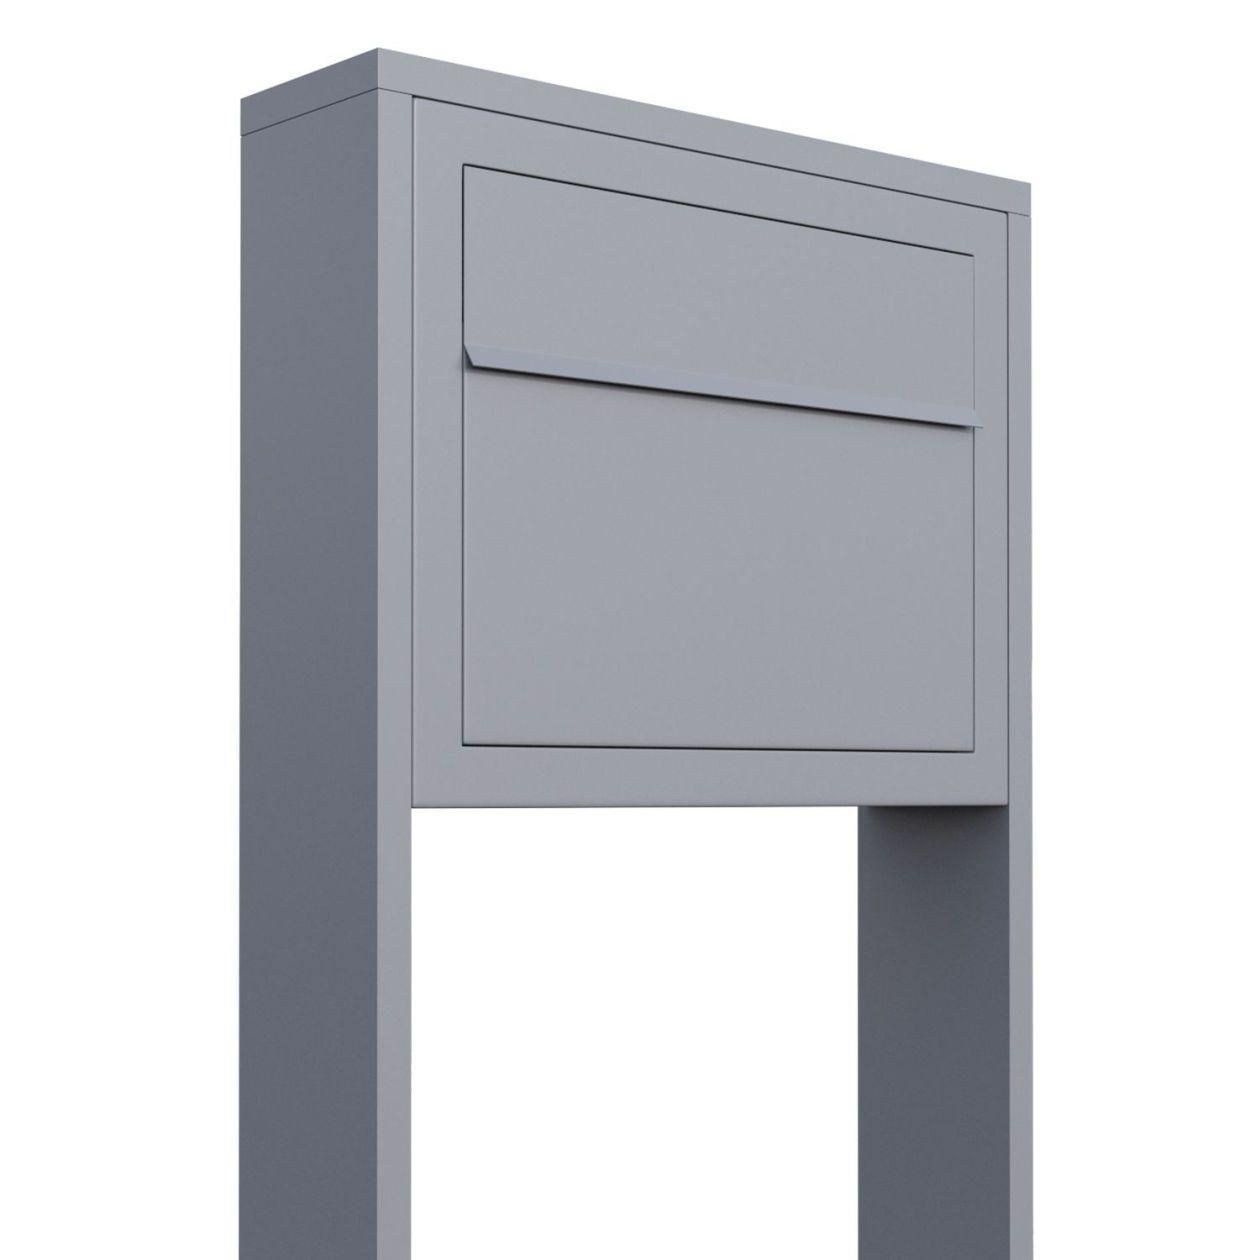 Bravios Design Wandbriefkasten Elegance Grau//Edelstahl Briefkasten